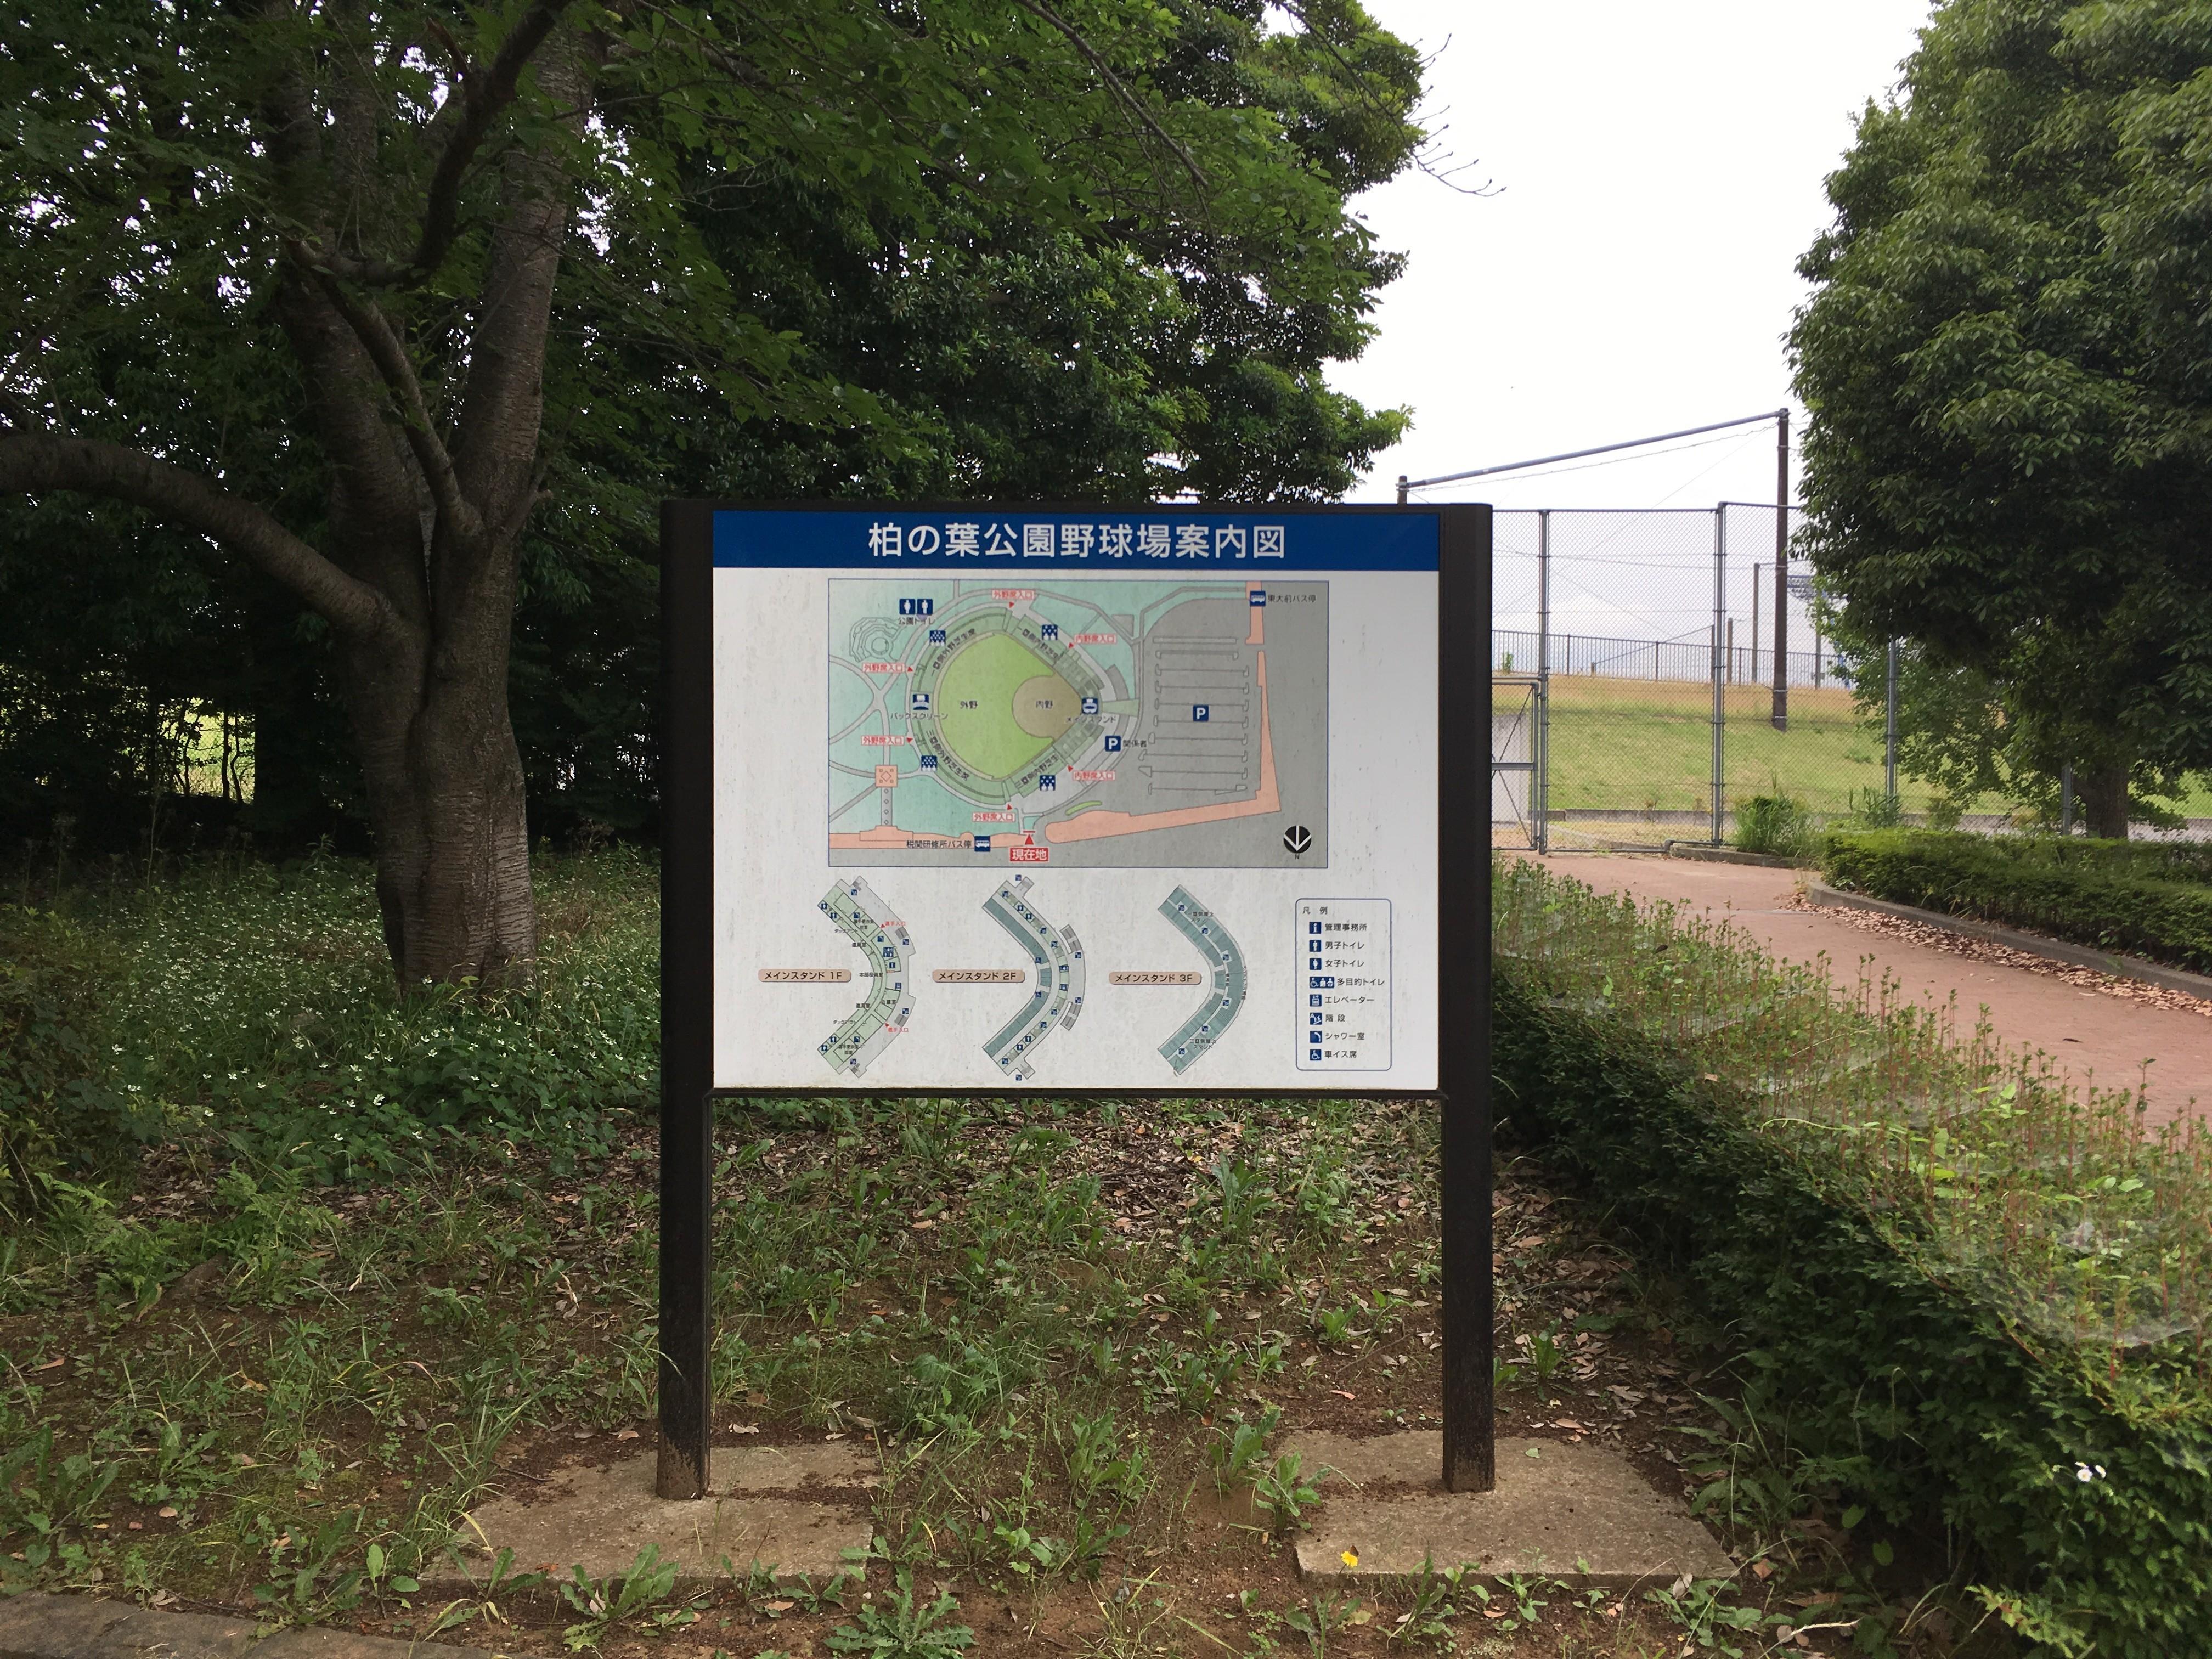 柏の葉公園野球場案内図